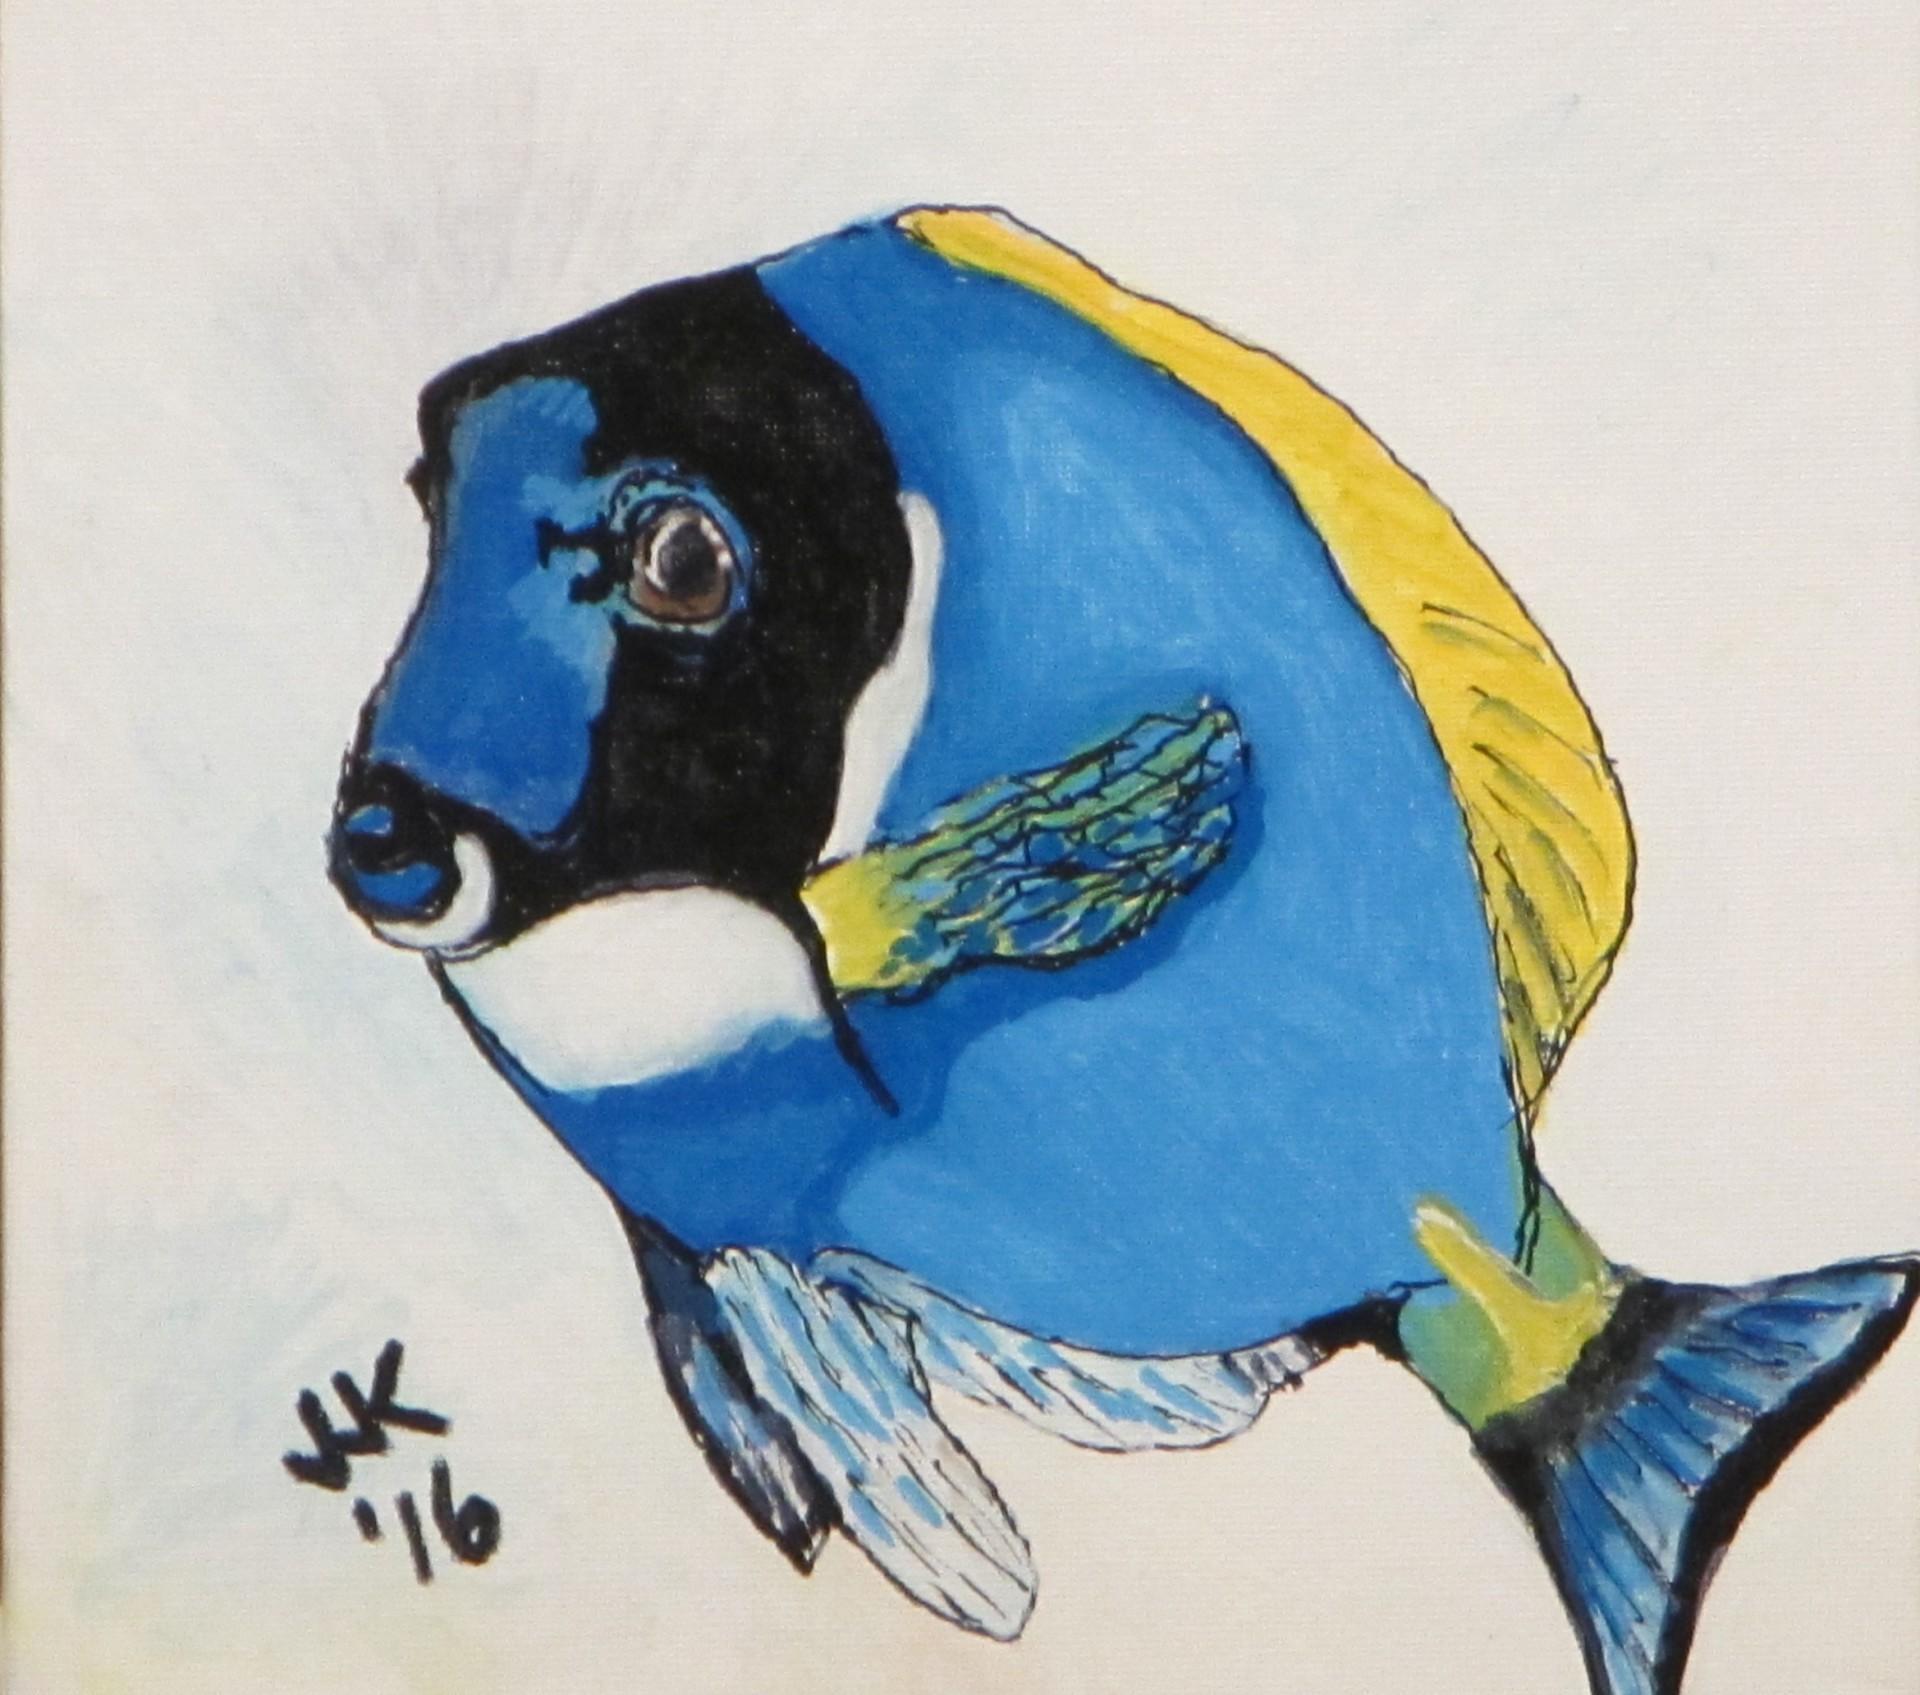 A blue tang.